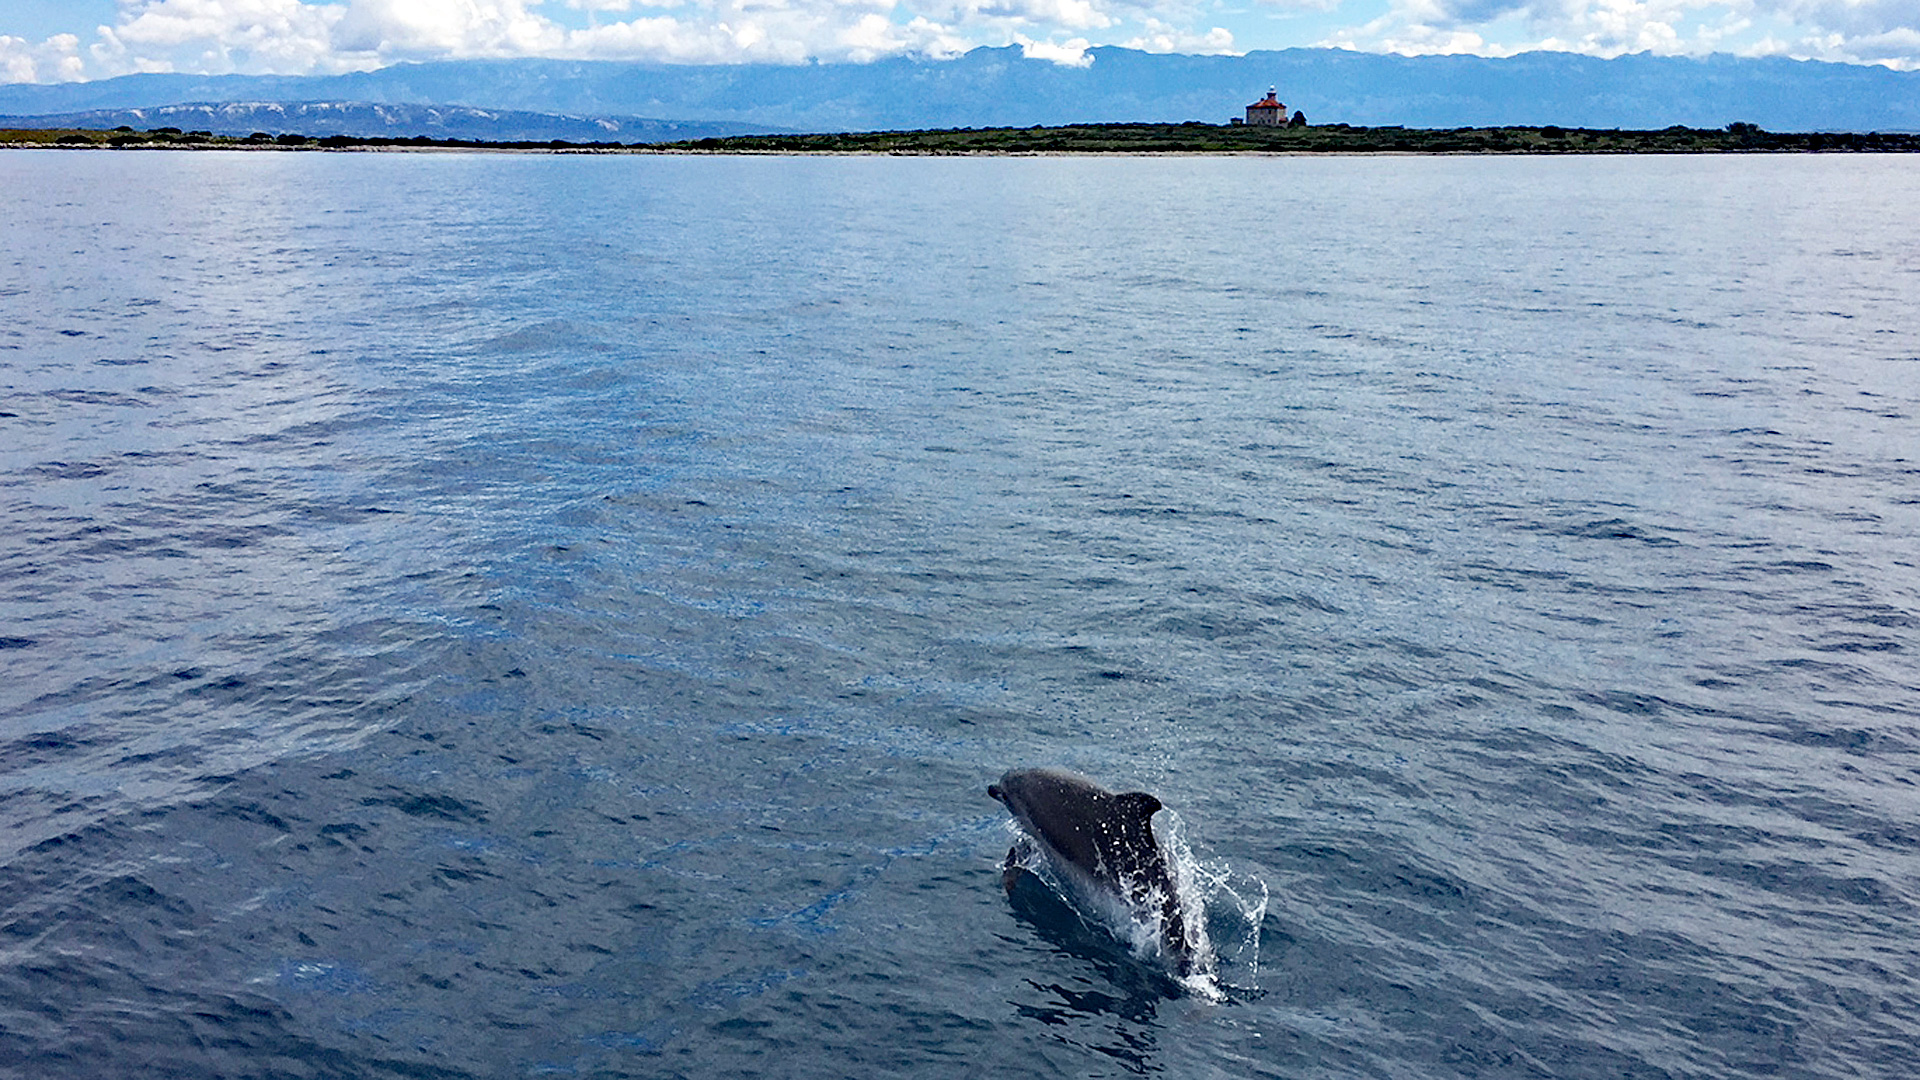 Delfinsichtung in der Adria